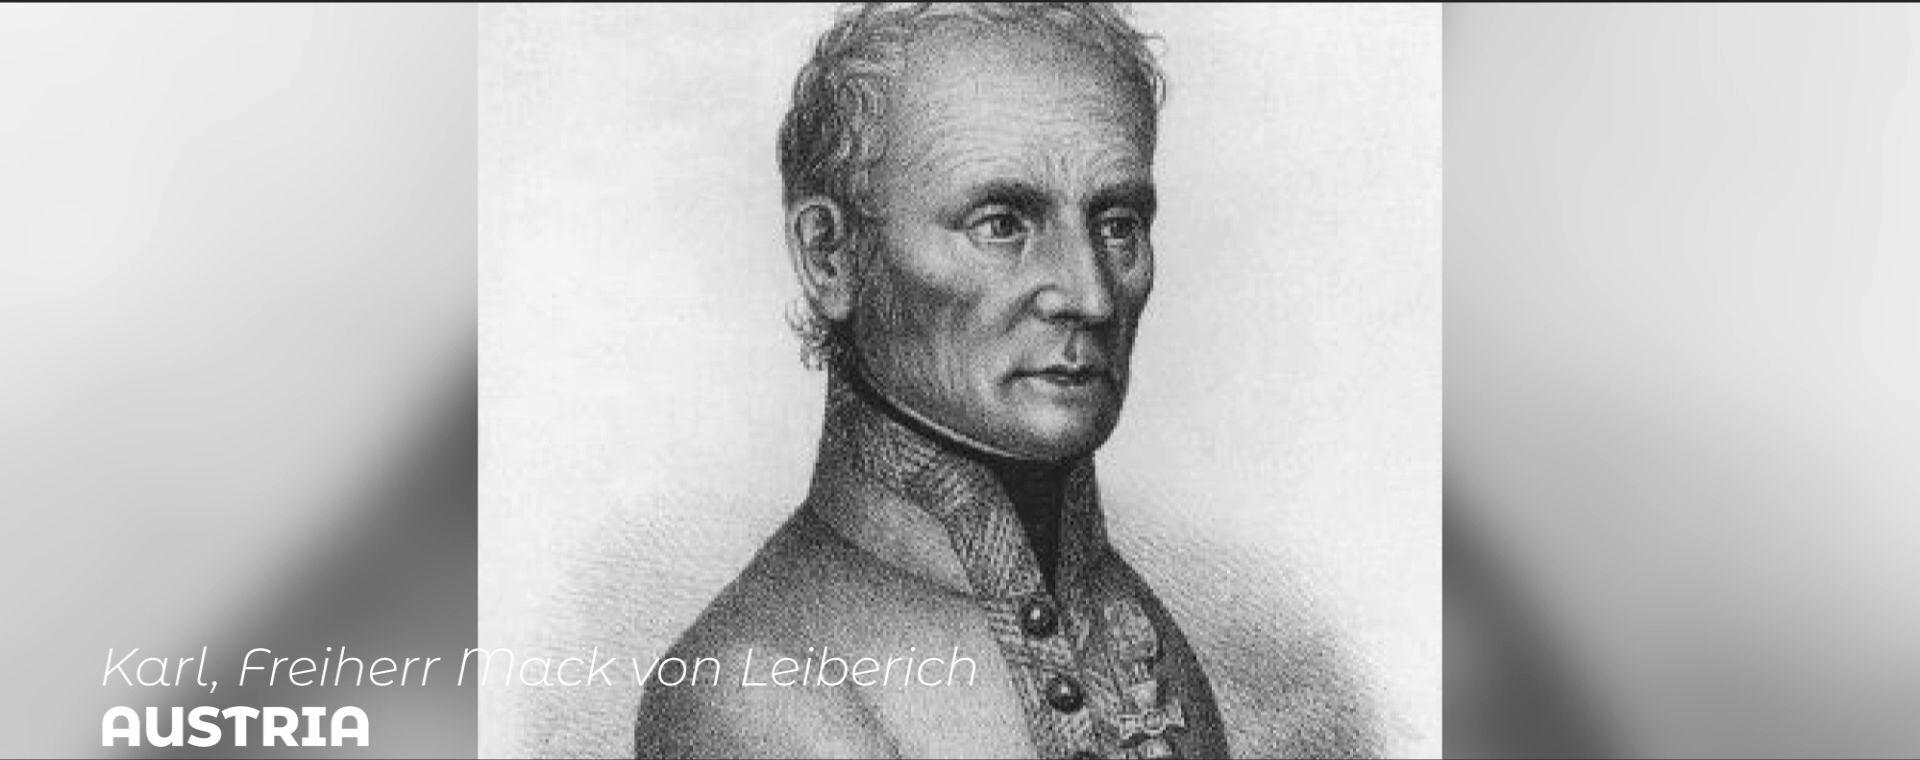 KARL, FREIHERR MACK VON LEIBERICH